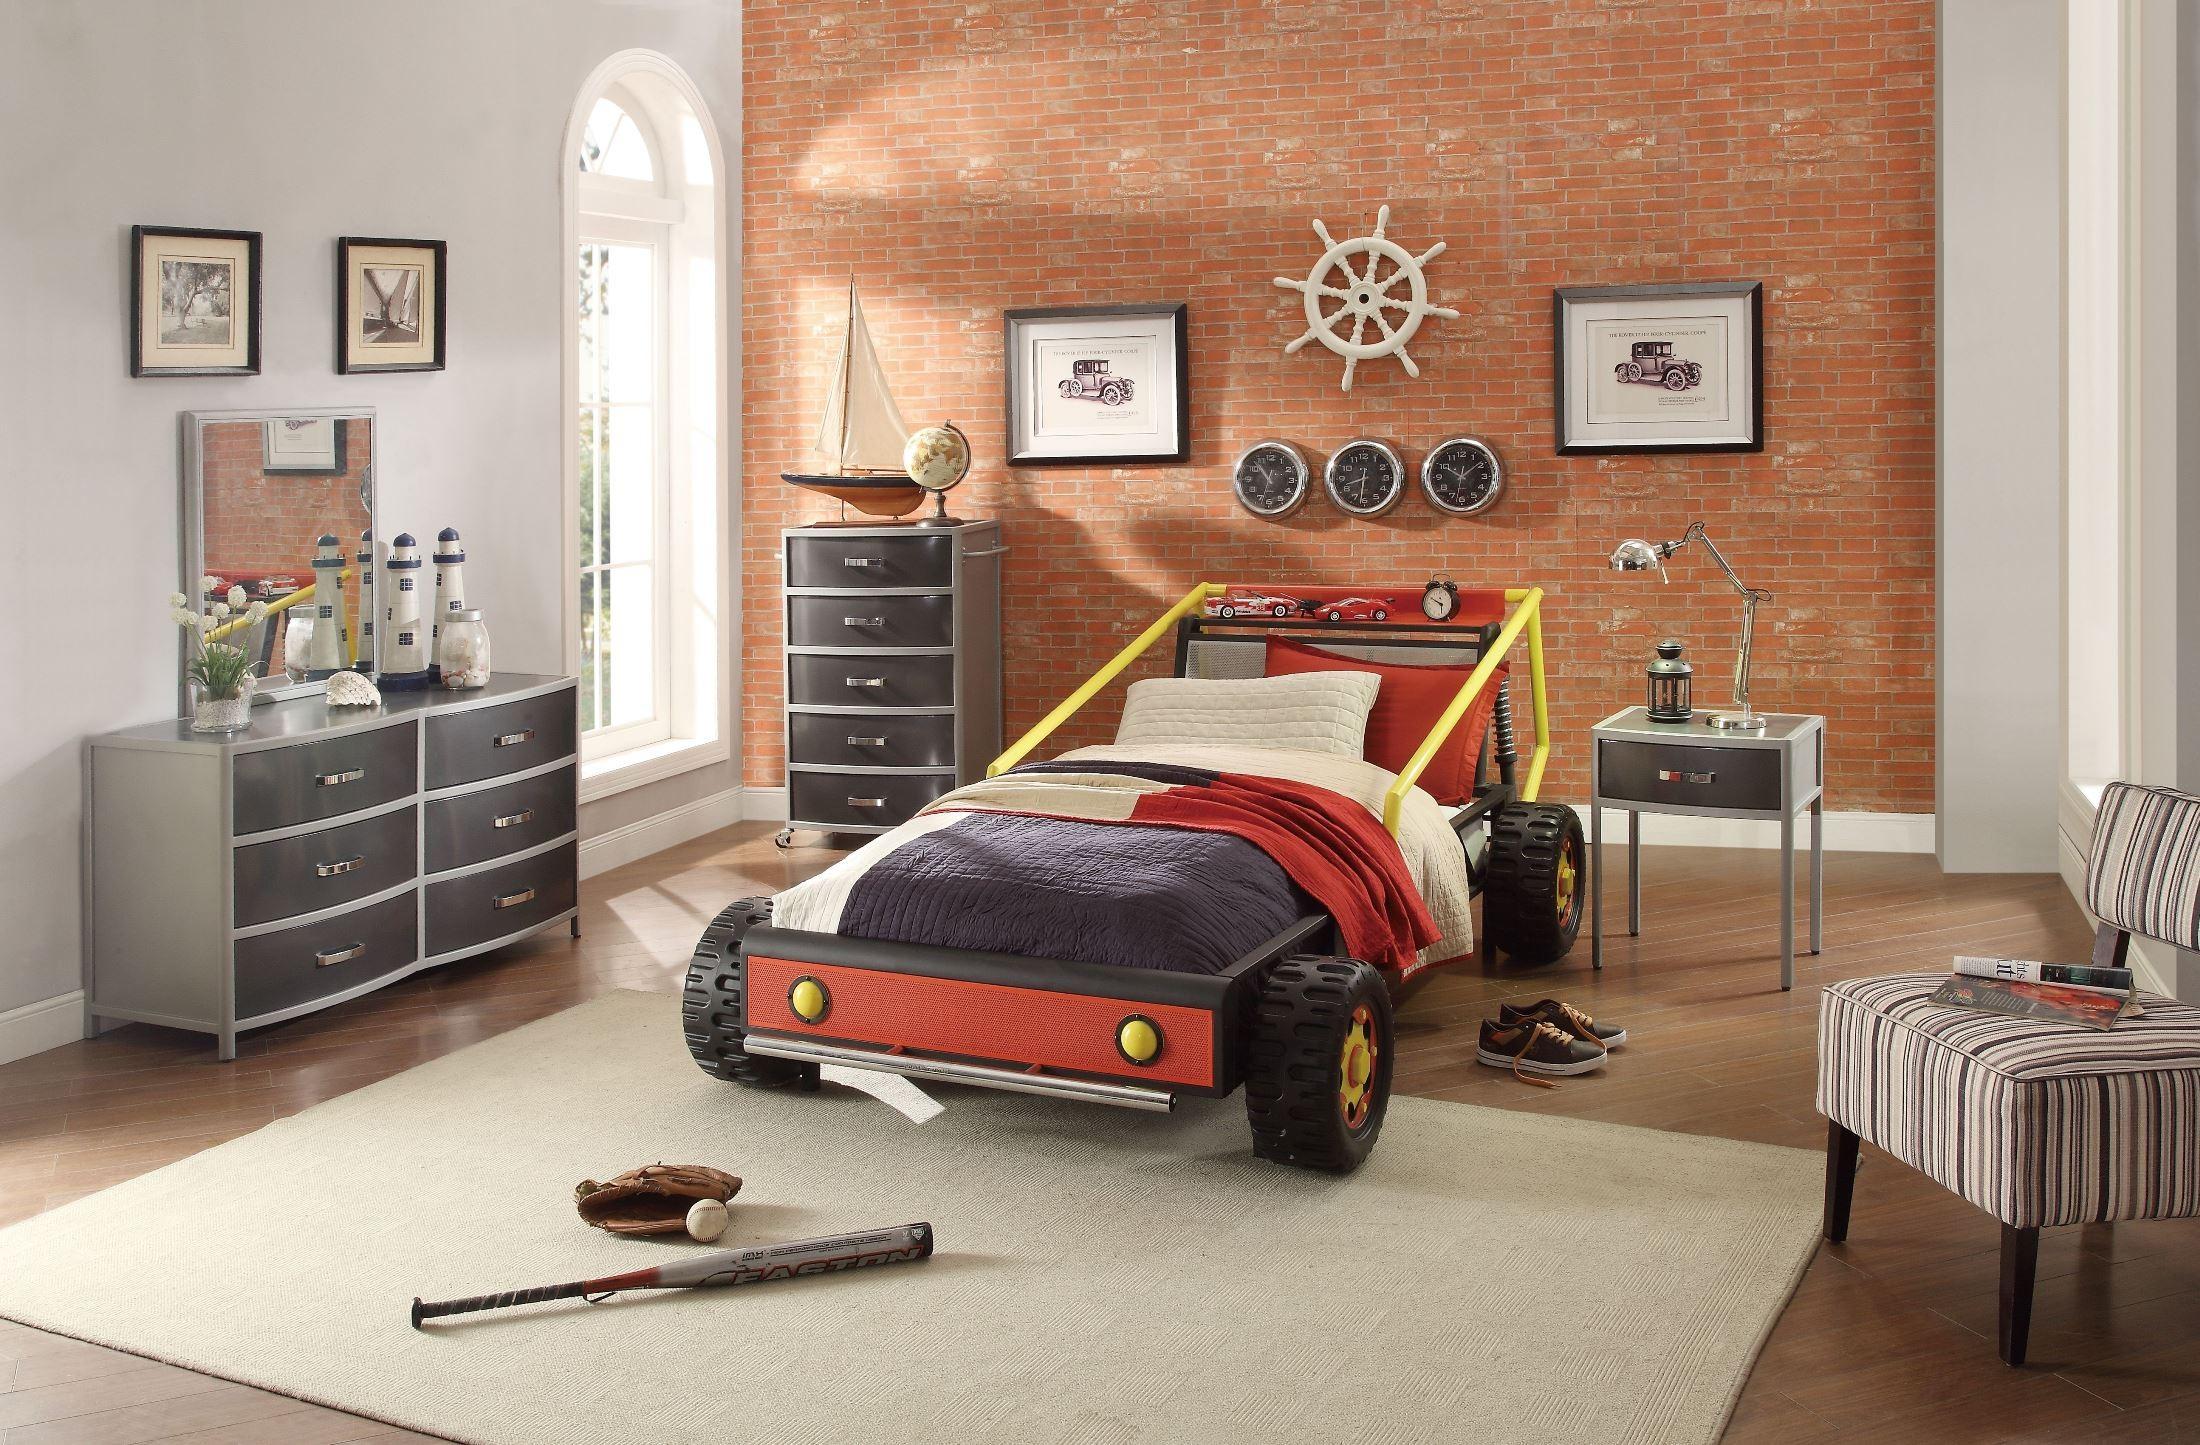 Track red twin race car bedroom set 2009t 1 homelegance - Cars bedroom set ...